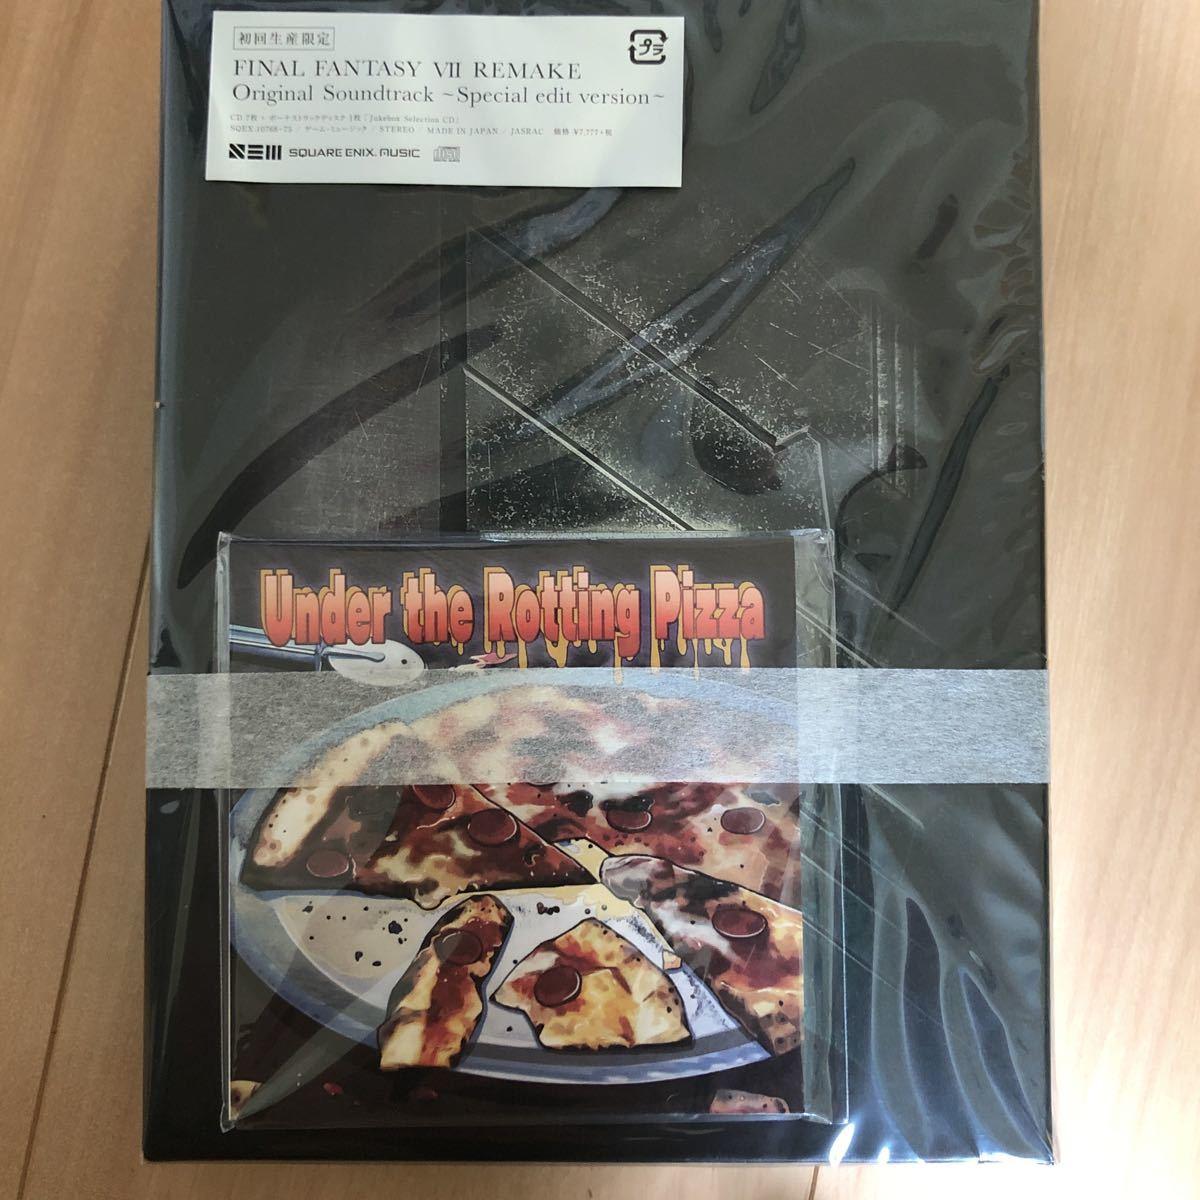 【Amazon.co.jp限定】FINAL FANTASY VII REMAKE Original Soundtrack ~Special edit version~(初回生産限定盤)(ミニメモ帳付)_画像1